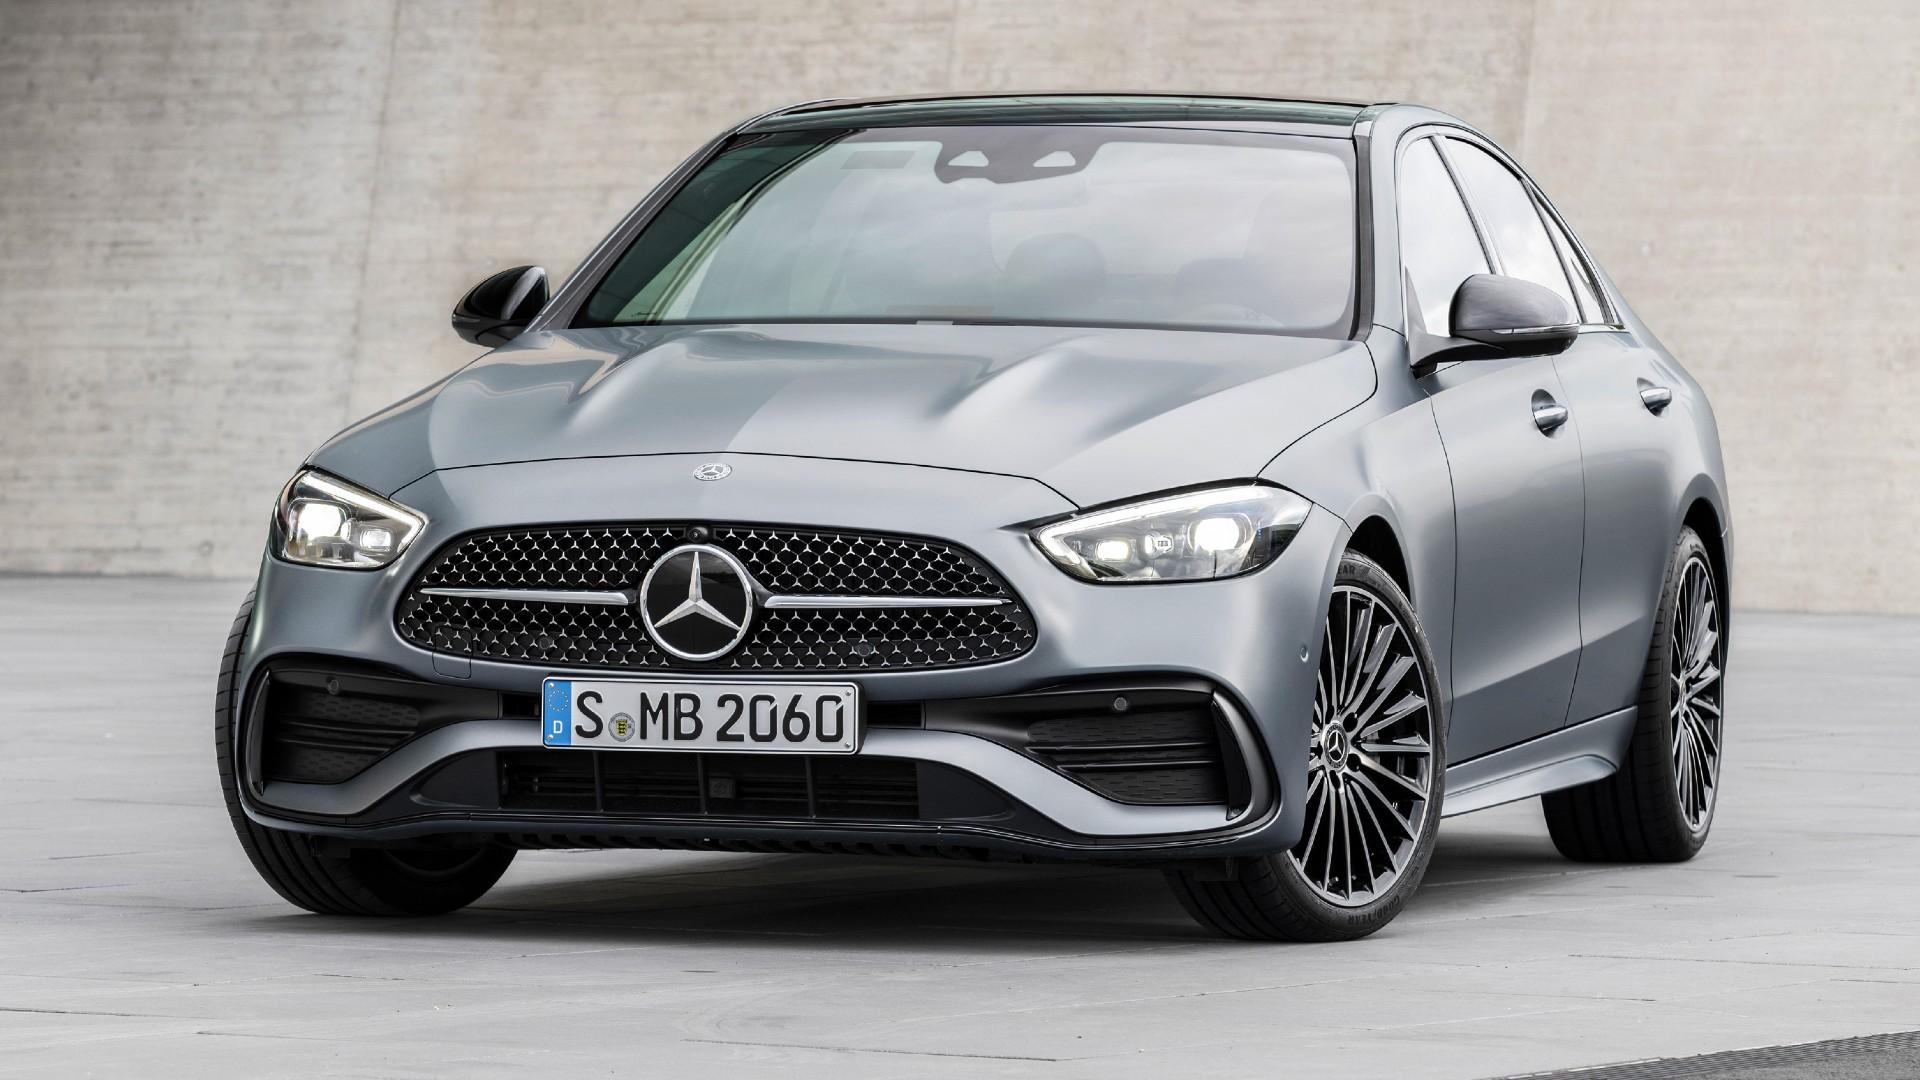 Νέα Mercedes-Benz C-Class: Πιο πολυτελής και τεχνολογικά προηγμένη από ποτέ! [vid]